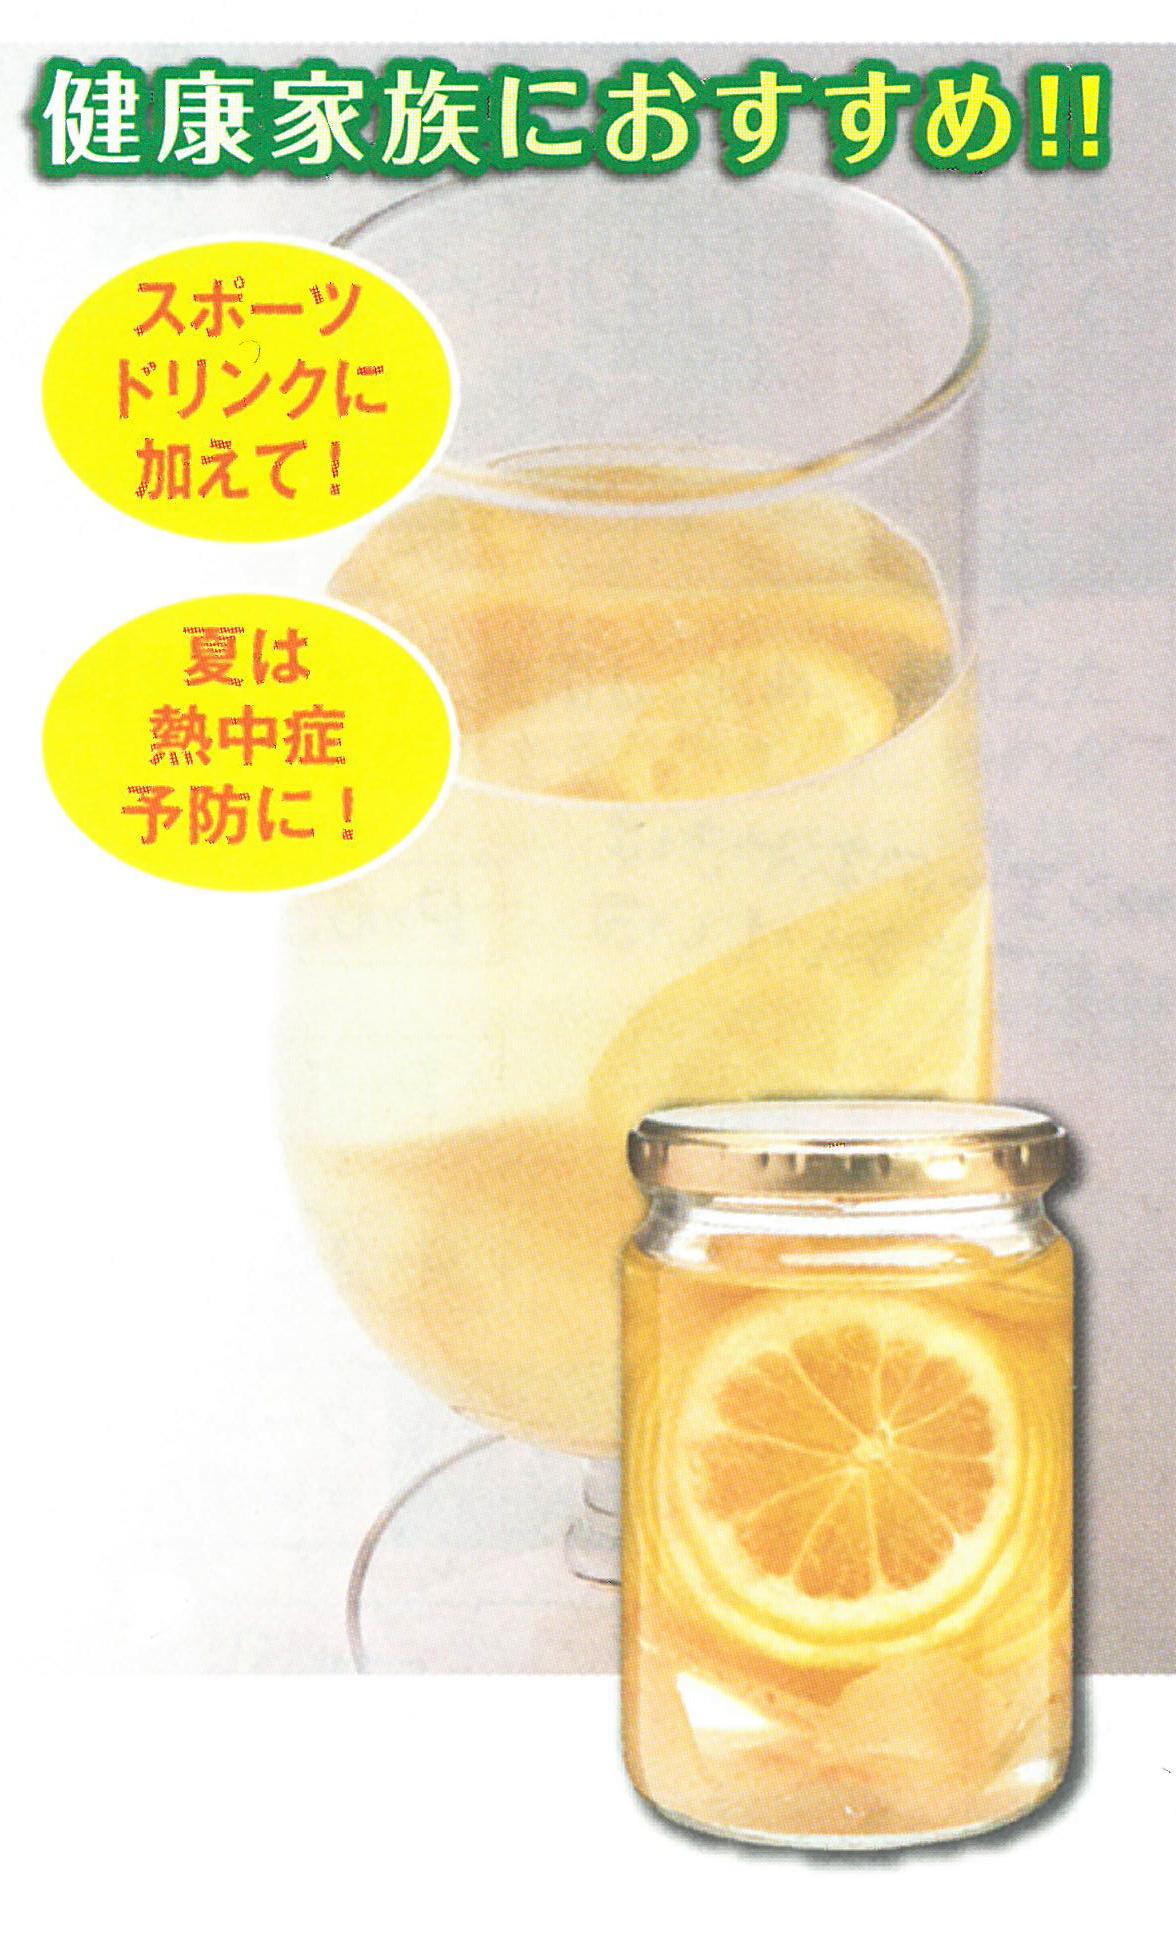 【通販限定・数量限定】オリジナル・ハチミツレモン生姜入り